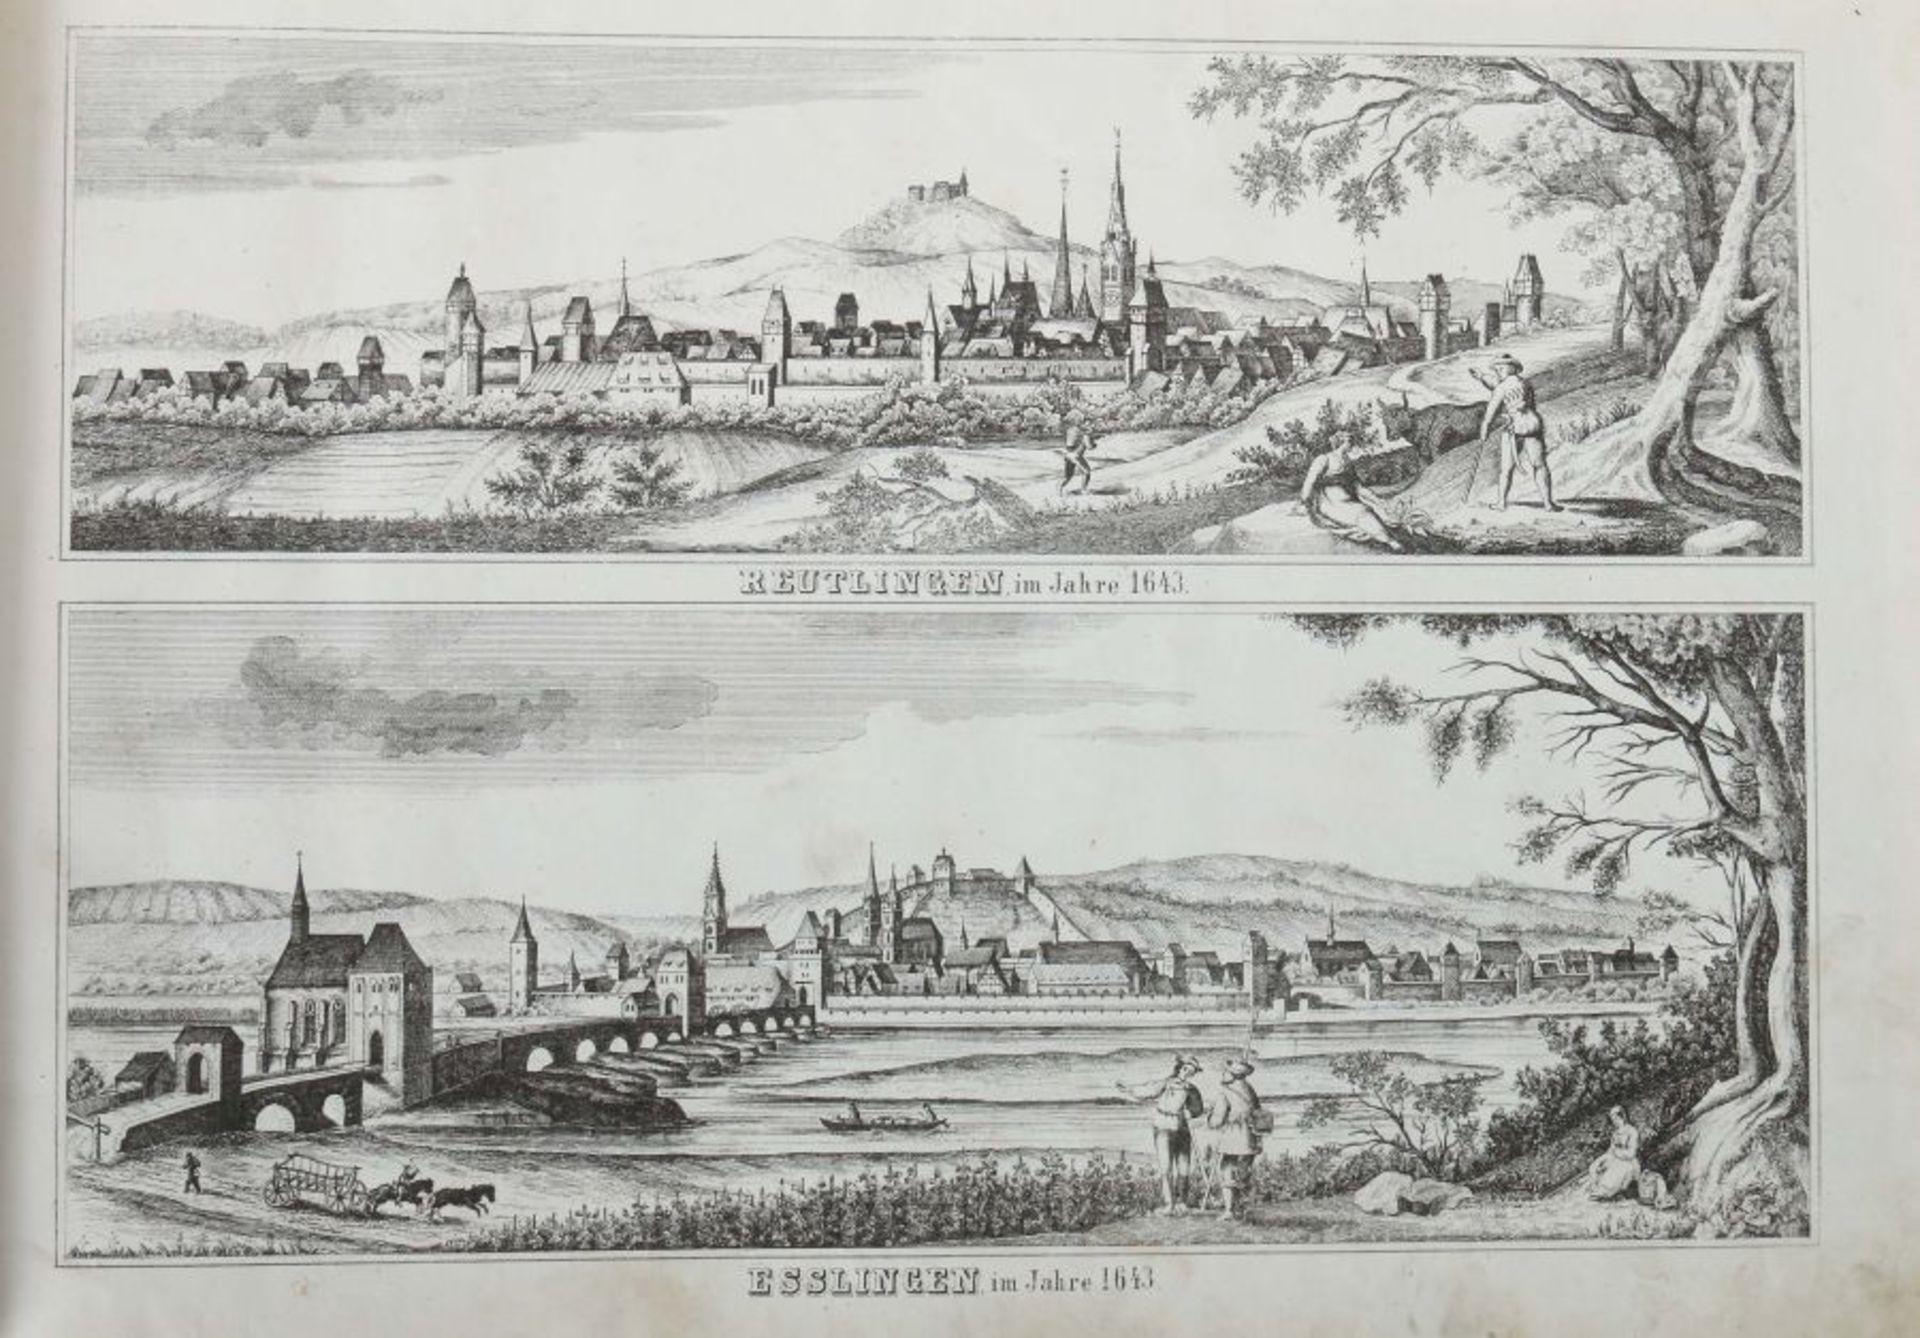 Rachel, Louis Illustrirter Atlas des Königreichs Württemnberg für Schule und Haus mit vielen Kart - Bild 4 aus 6